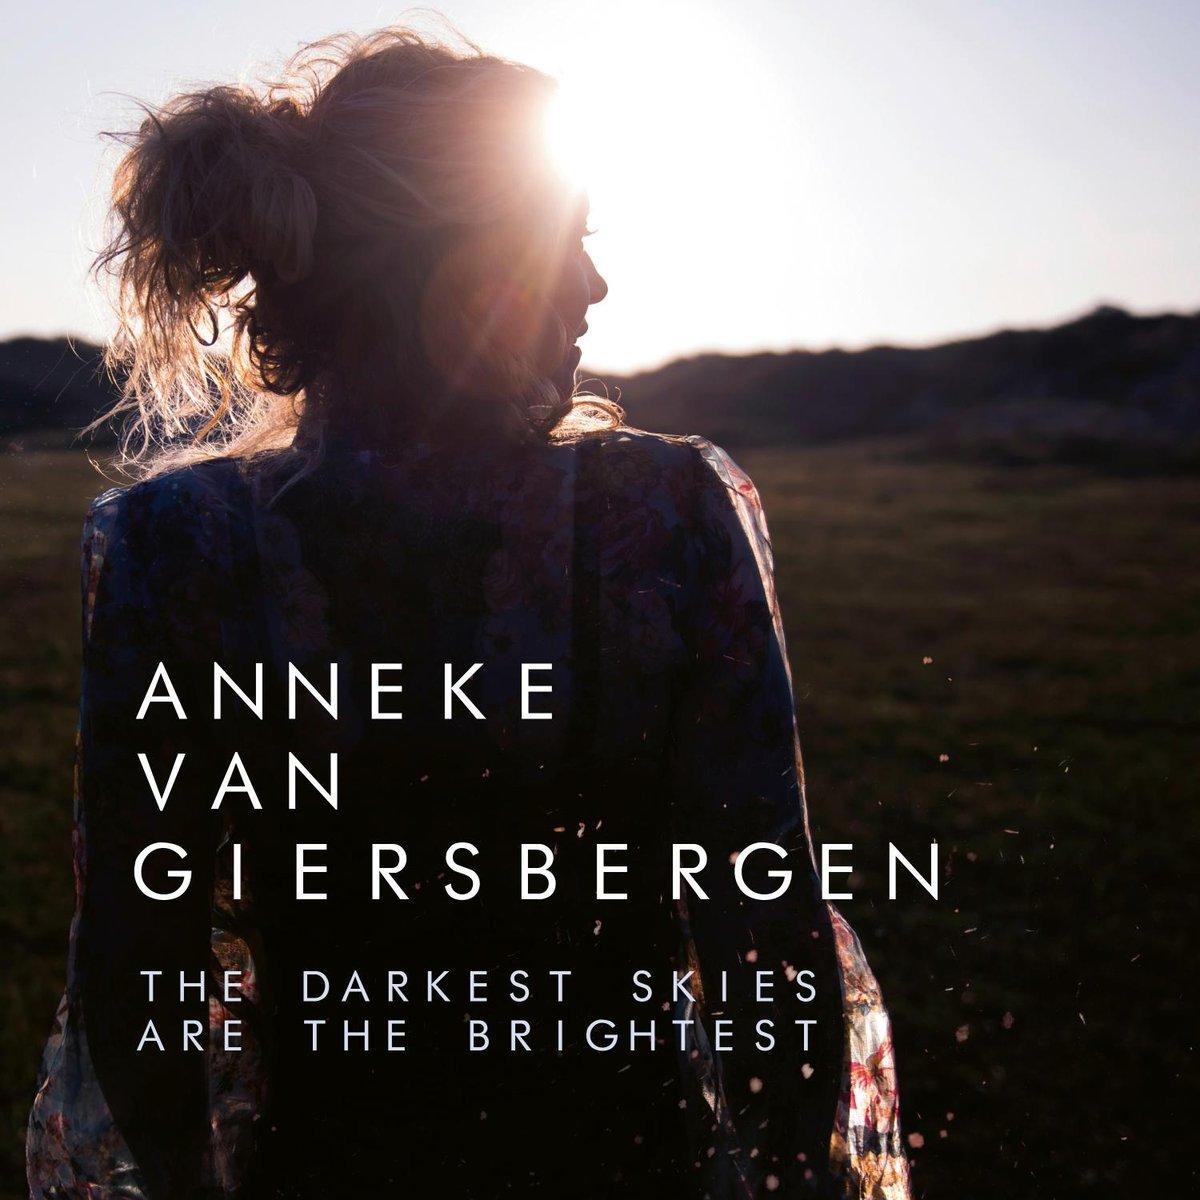 Anneke Van Giersbergen - Darkest Skies Are The Brightest